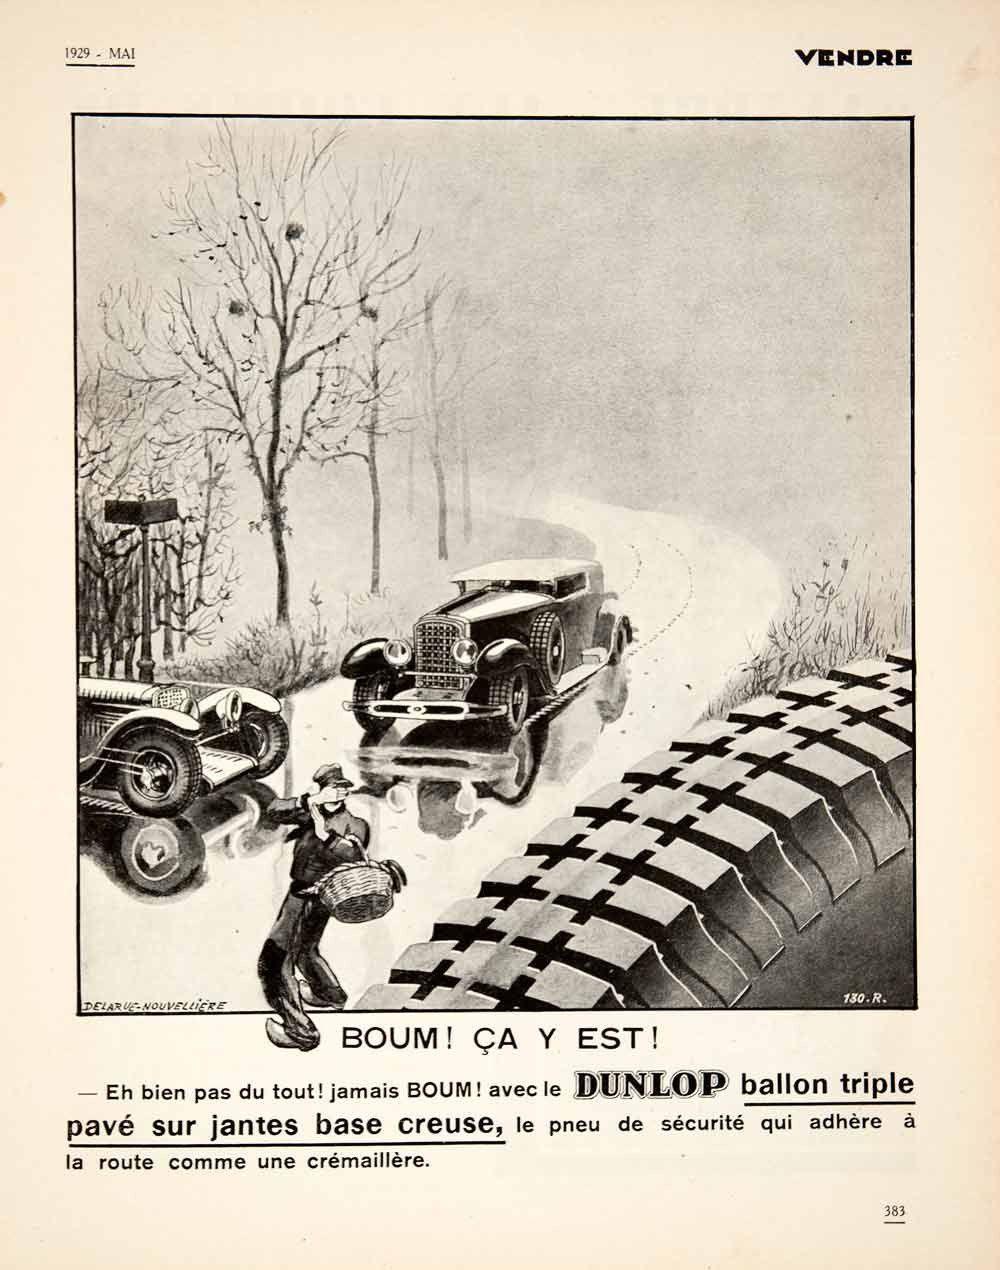 1929 Ad French Dunlop Balloon Tire Pneu Vintage Automobile Car Foggy R Vintage Cars Balloon Tire Automobile [ 1270 x 1000 Pixel ]